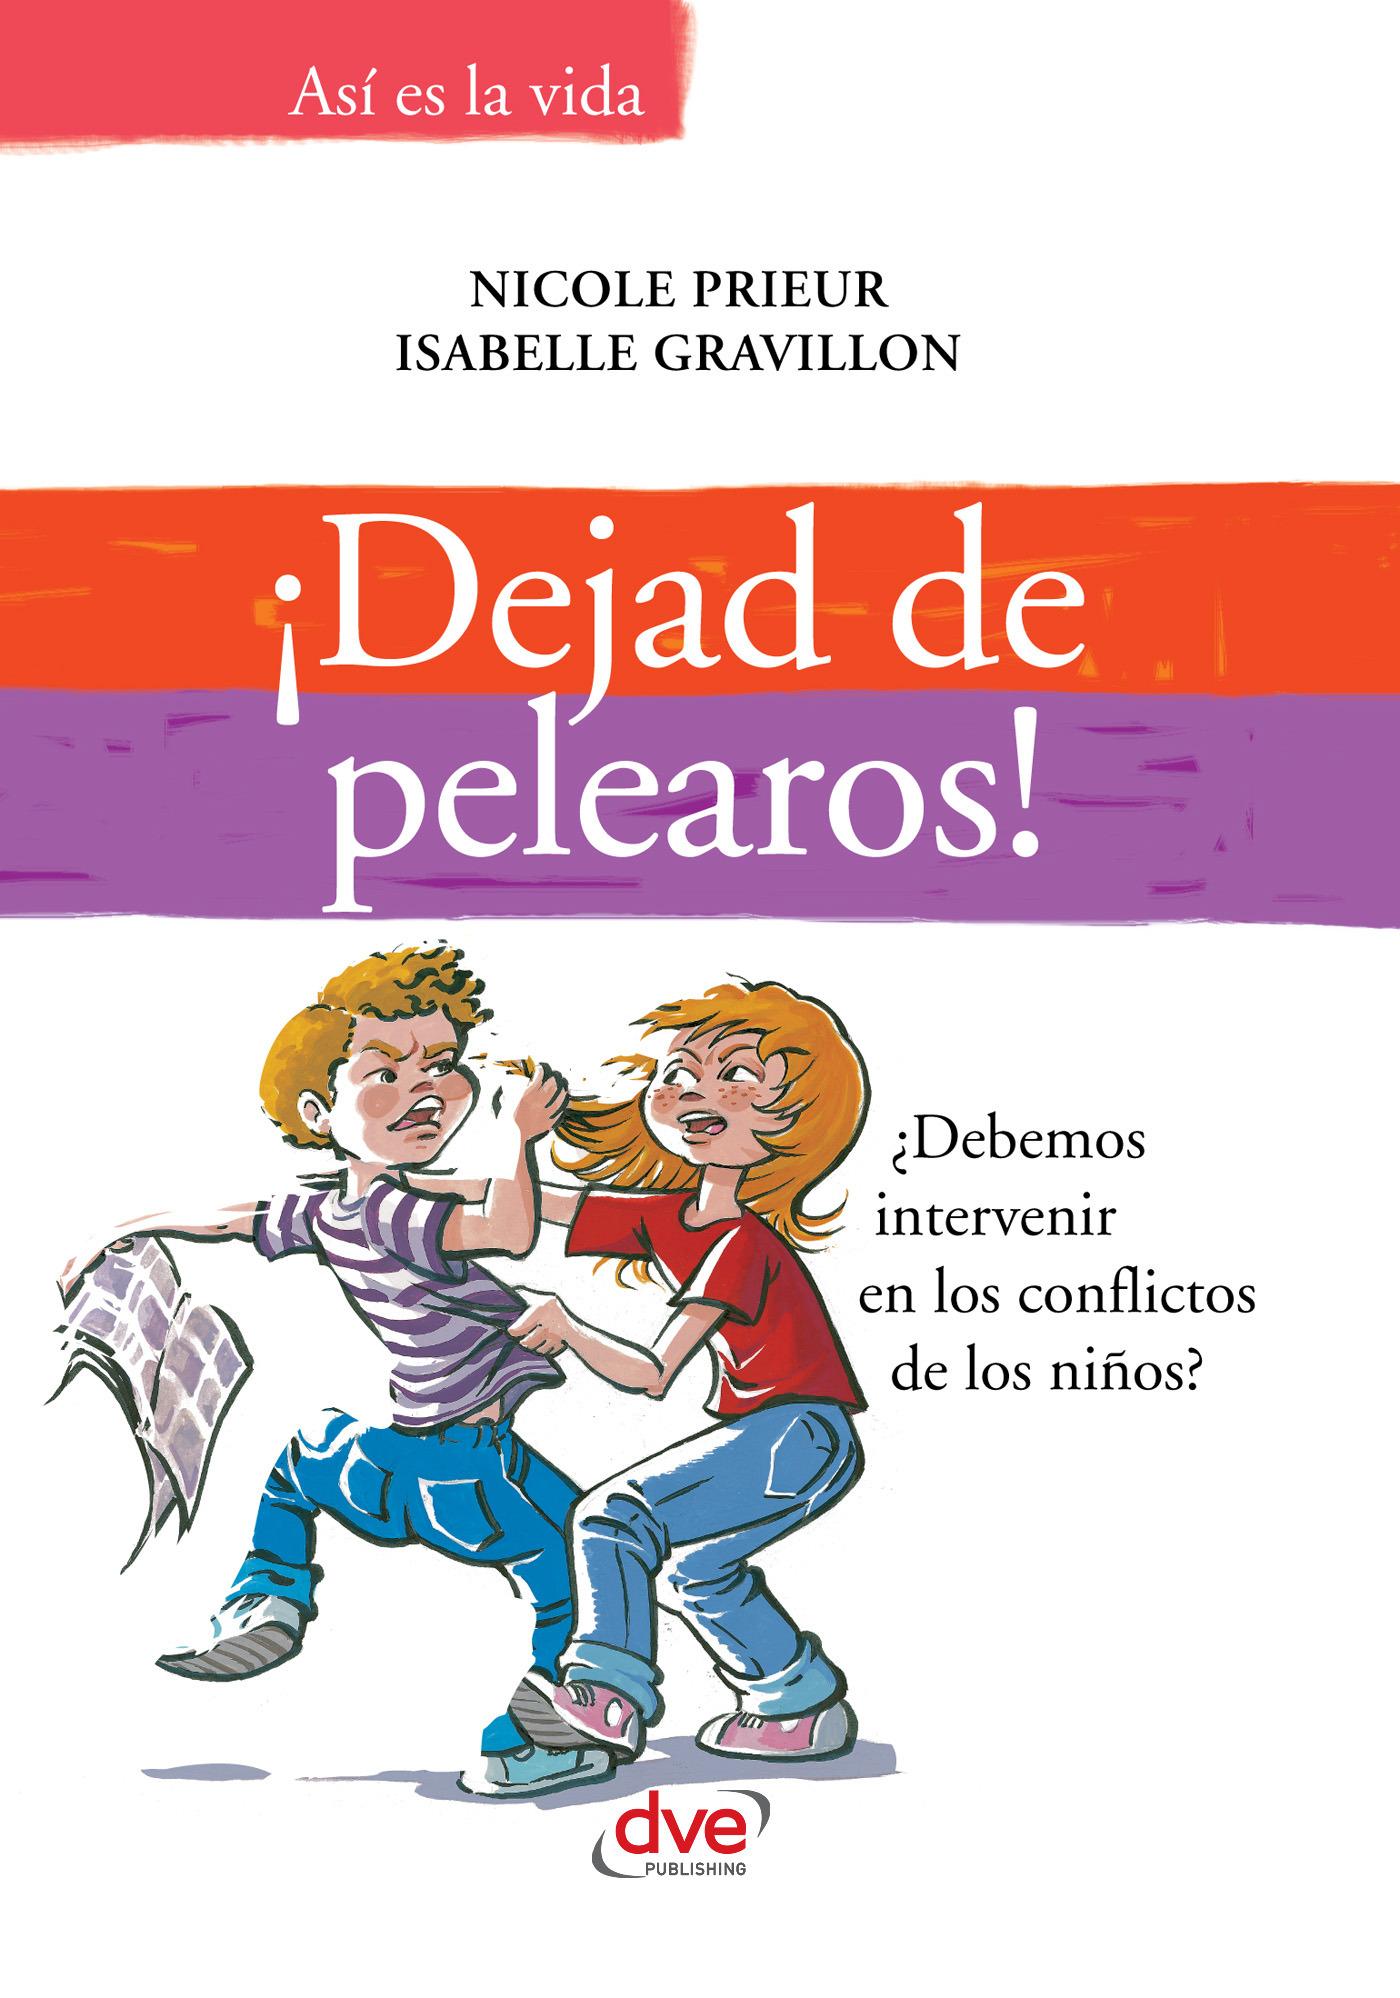 Gravillon, Isabelle - ¡Dejad de pelearos! ¿Debemos intervenir en los conflictos de los niños?, ebook